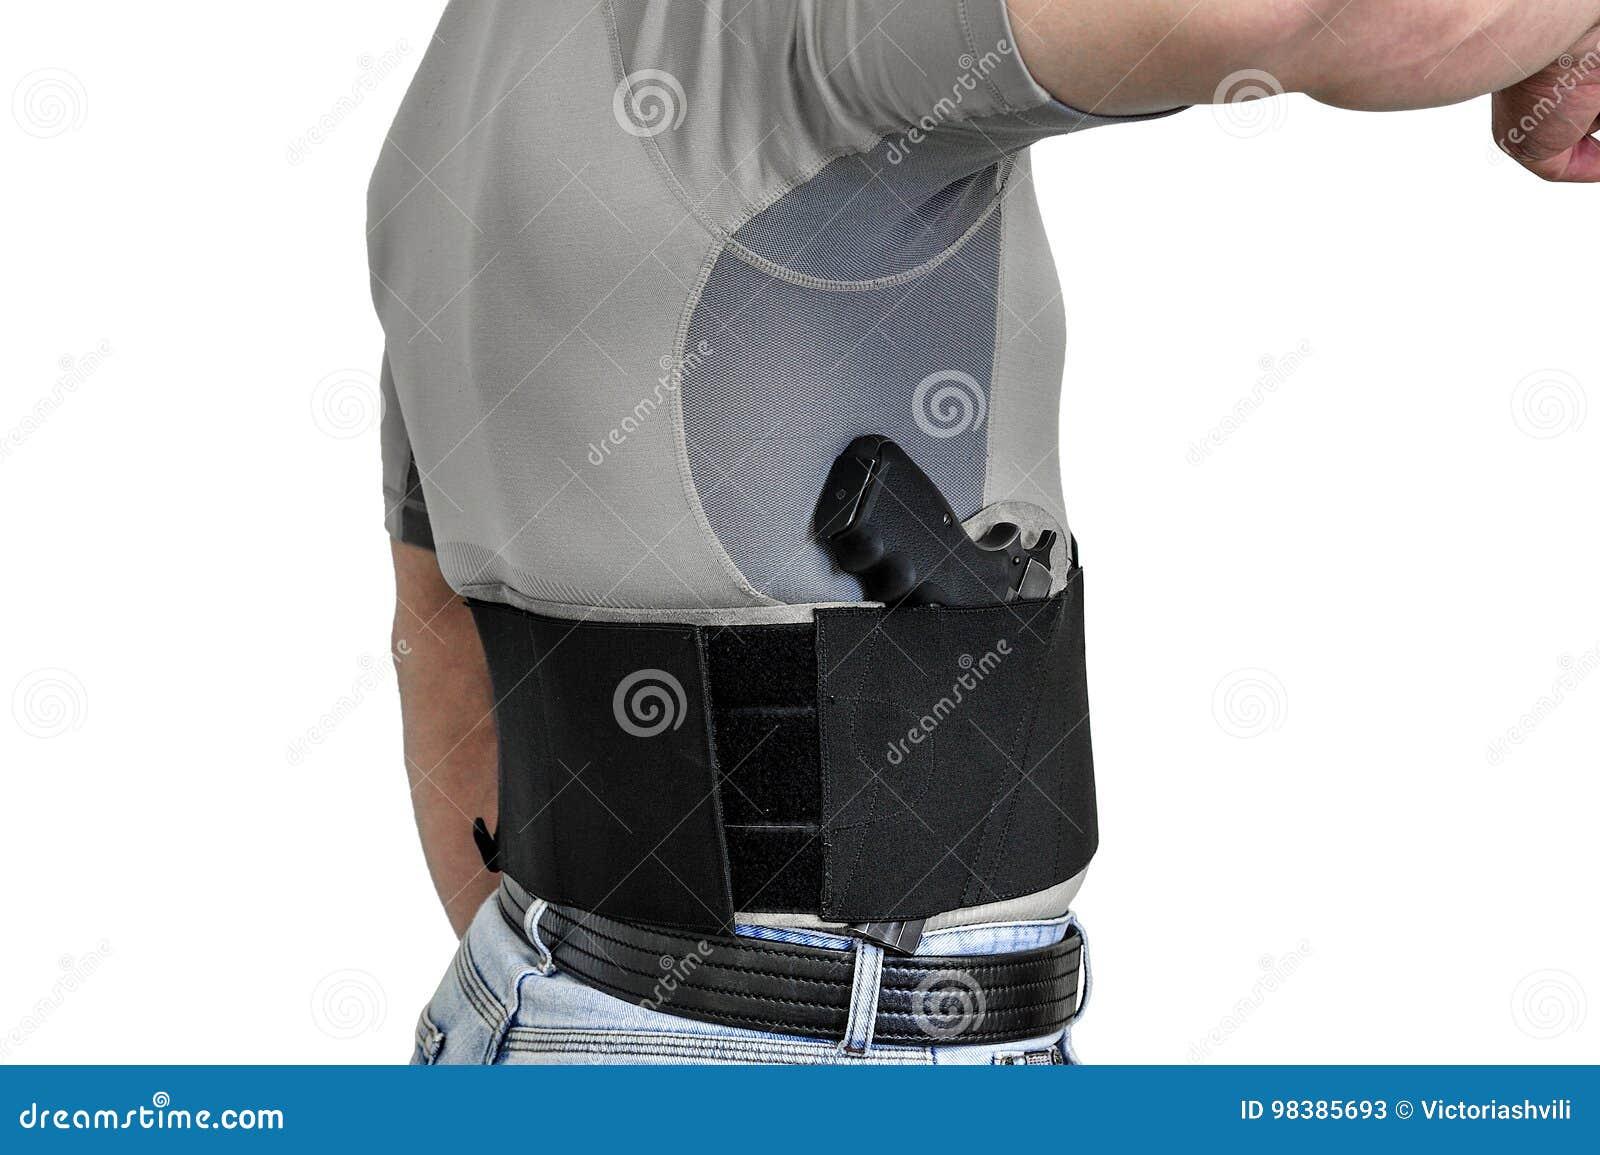 El torso de un hombre se vistió en ropa civil, por debajo la camisa